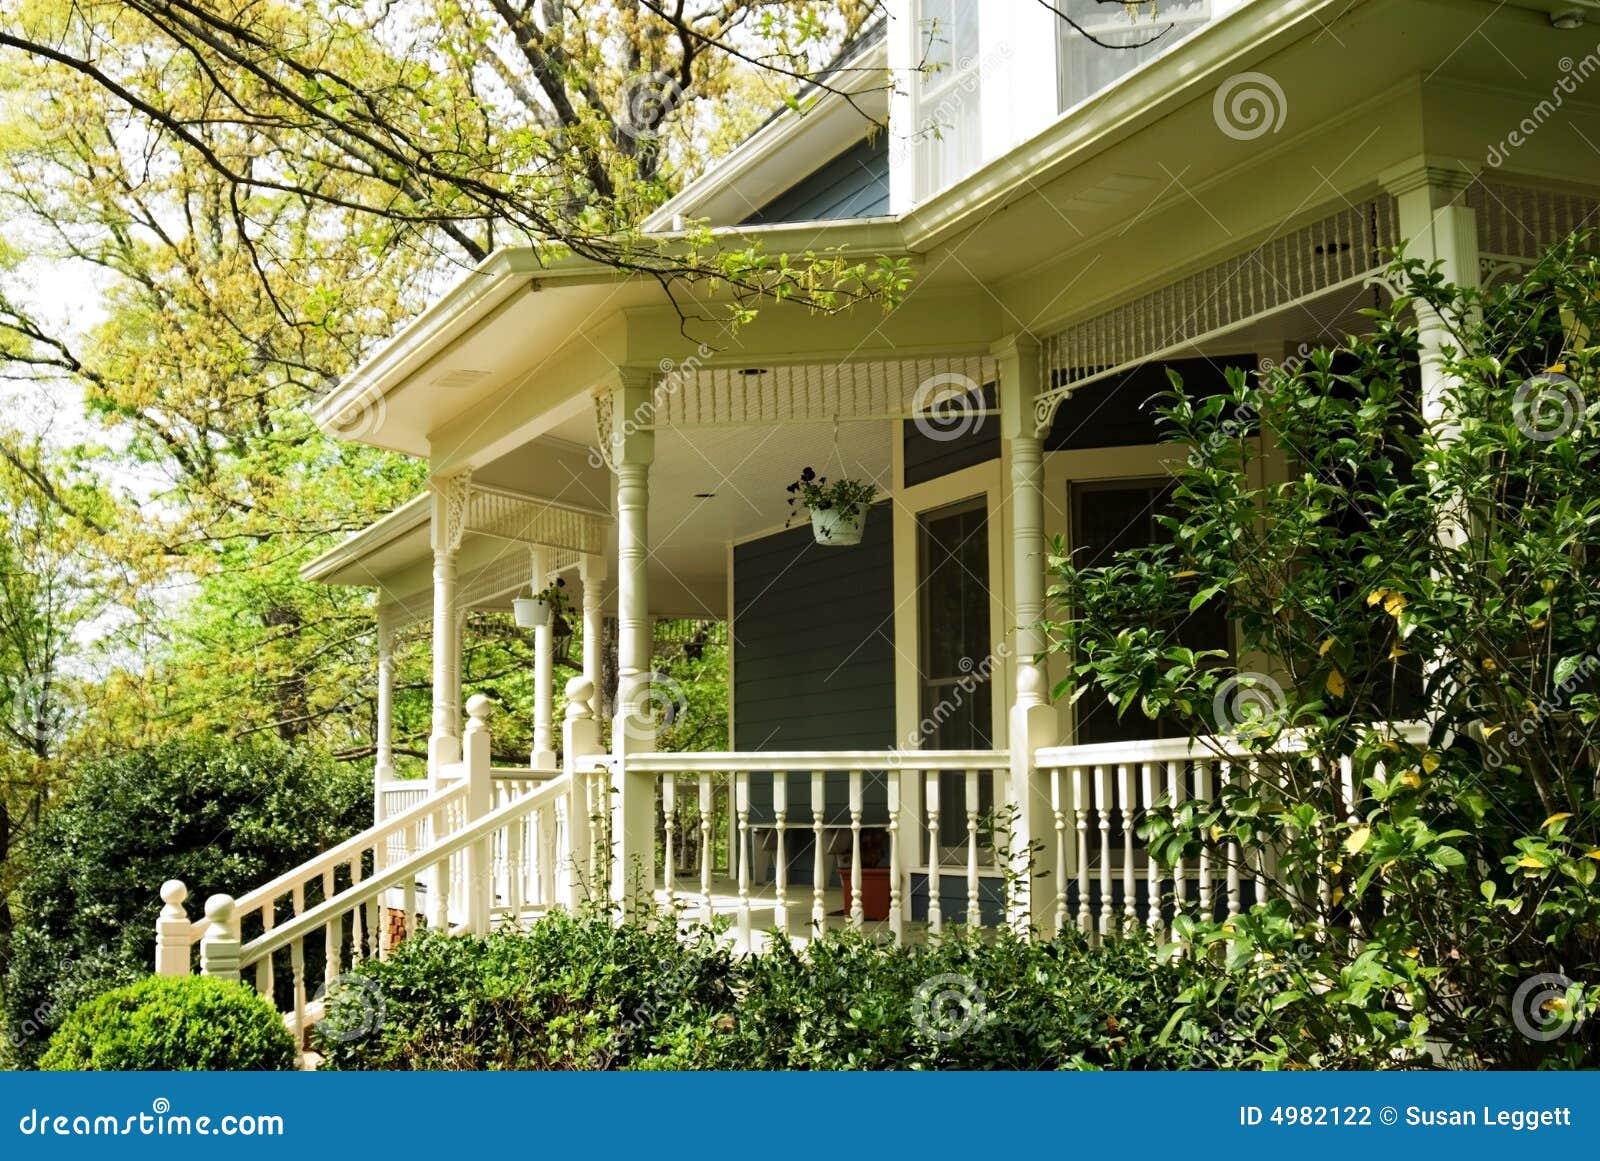 Detalles del p rtico casa del victorian fotograf a de for Costo del portico anteriore